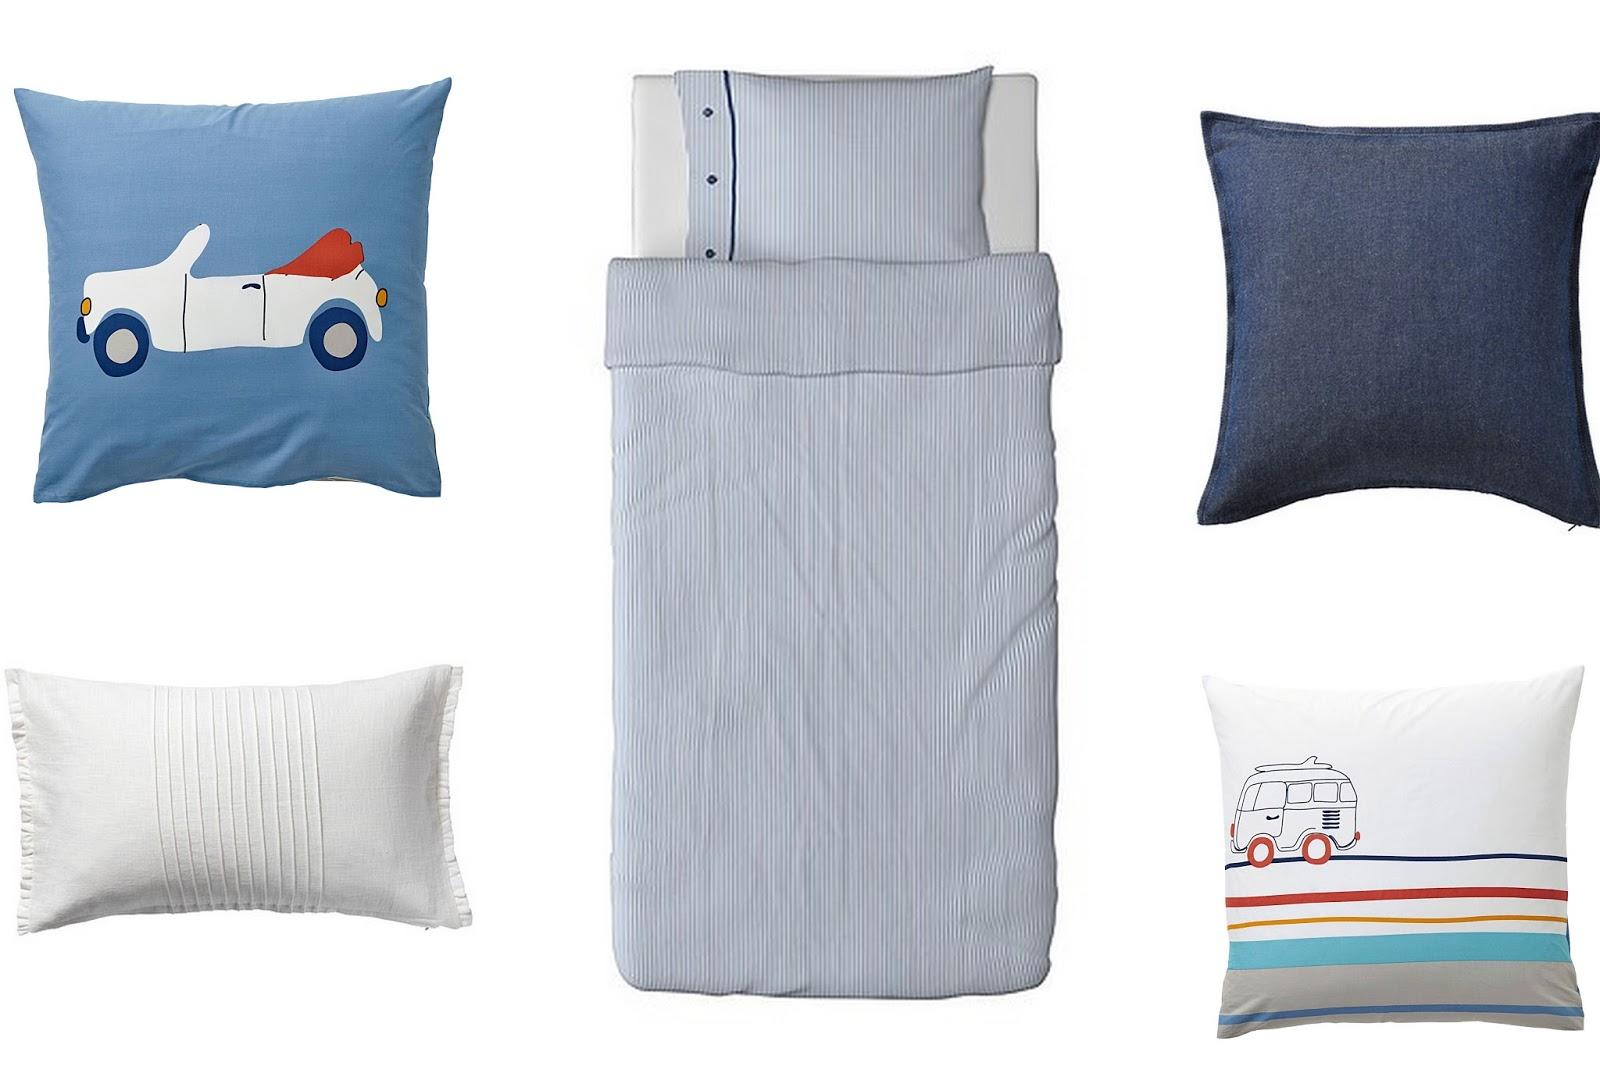 cama sofa cama ikea abrir decoraci n de interiores y. Black Bedroom Furniture Sets. Home Design Ideas